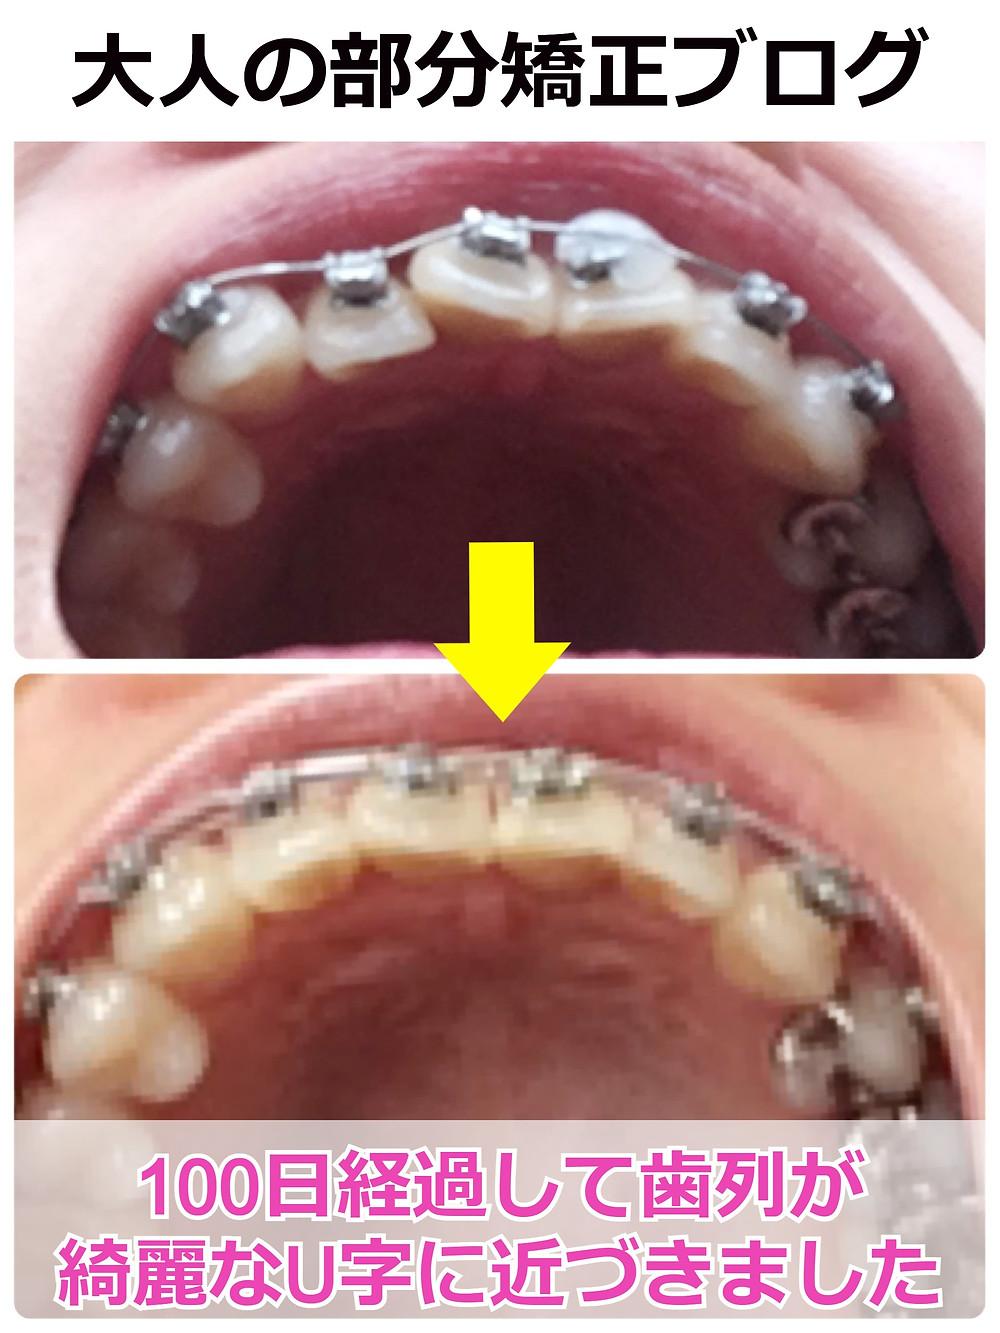 出っ歯の部分矯正ビフォーアフター【下から】